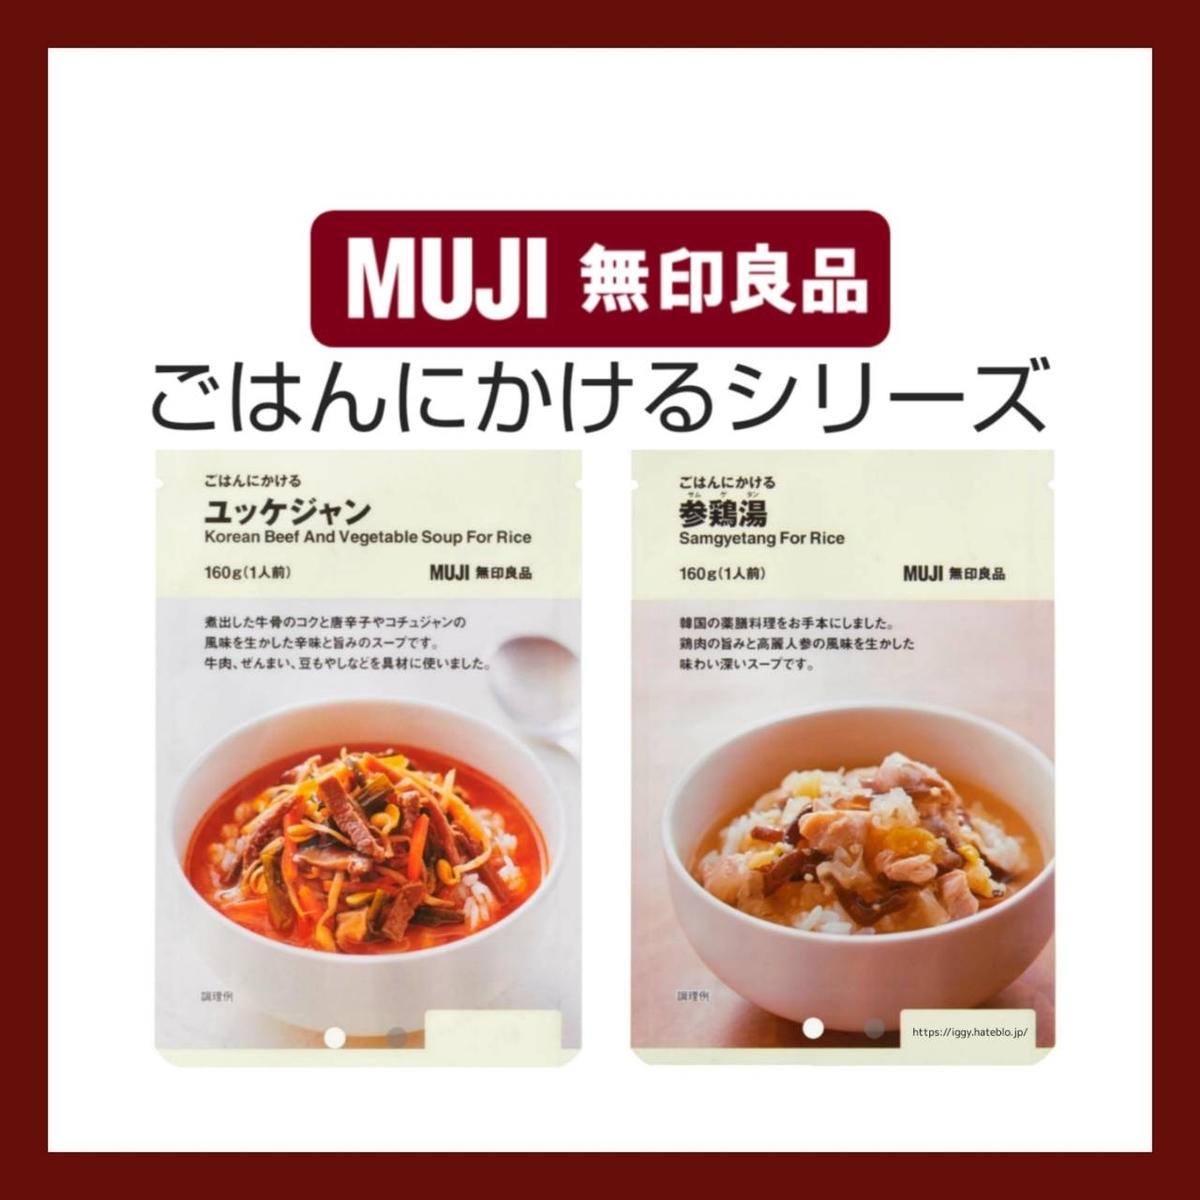 無印良品 ごはんにかける人気「ユッケジャン」と「参鶏湯」感想 口コミ